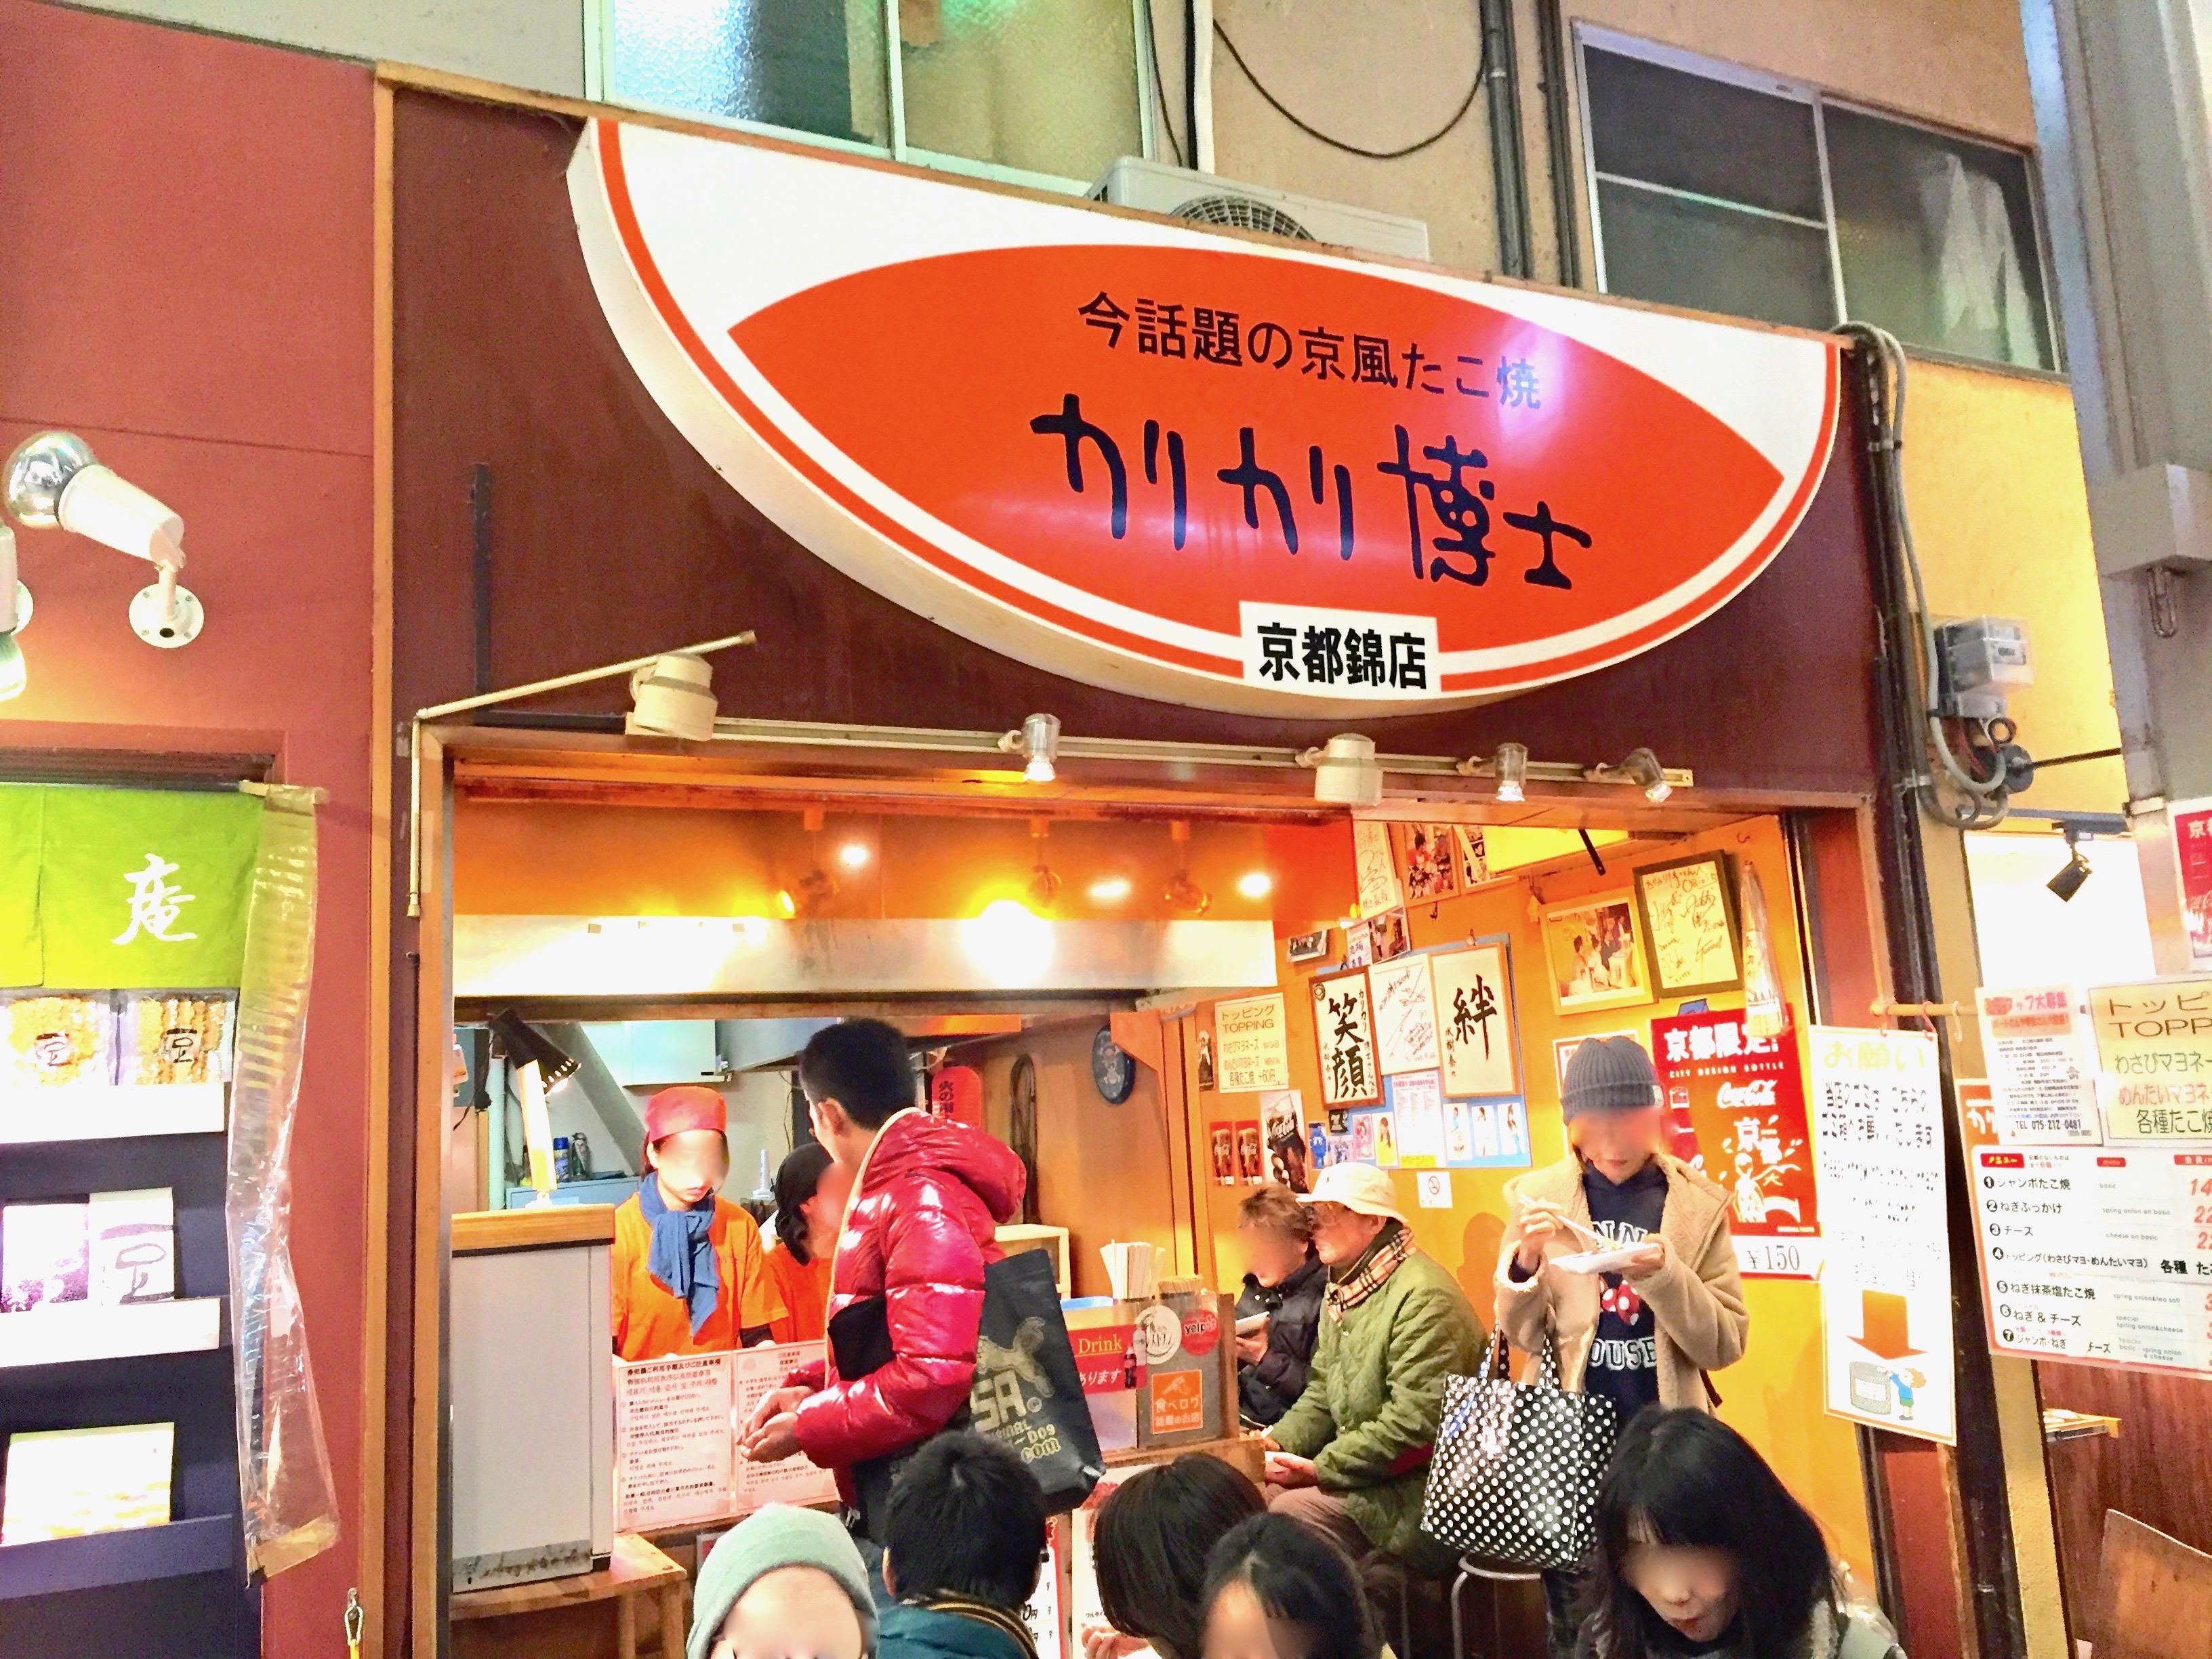 京都の台所「錦市場」で食べ歩き!絶対にハズせないグルメ7選